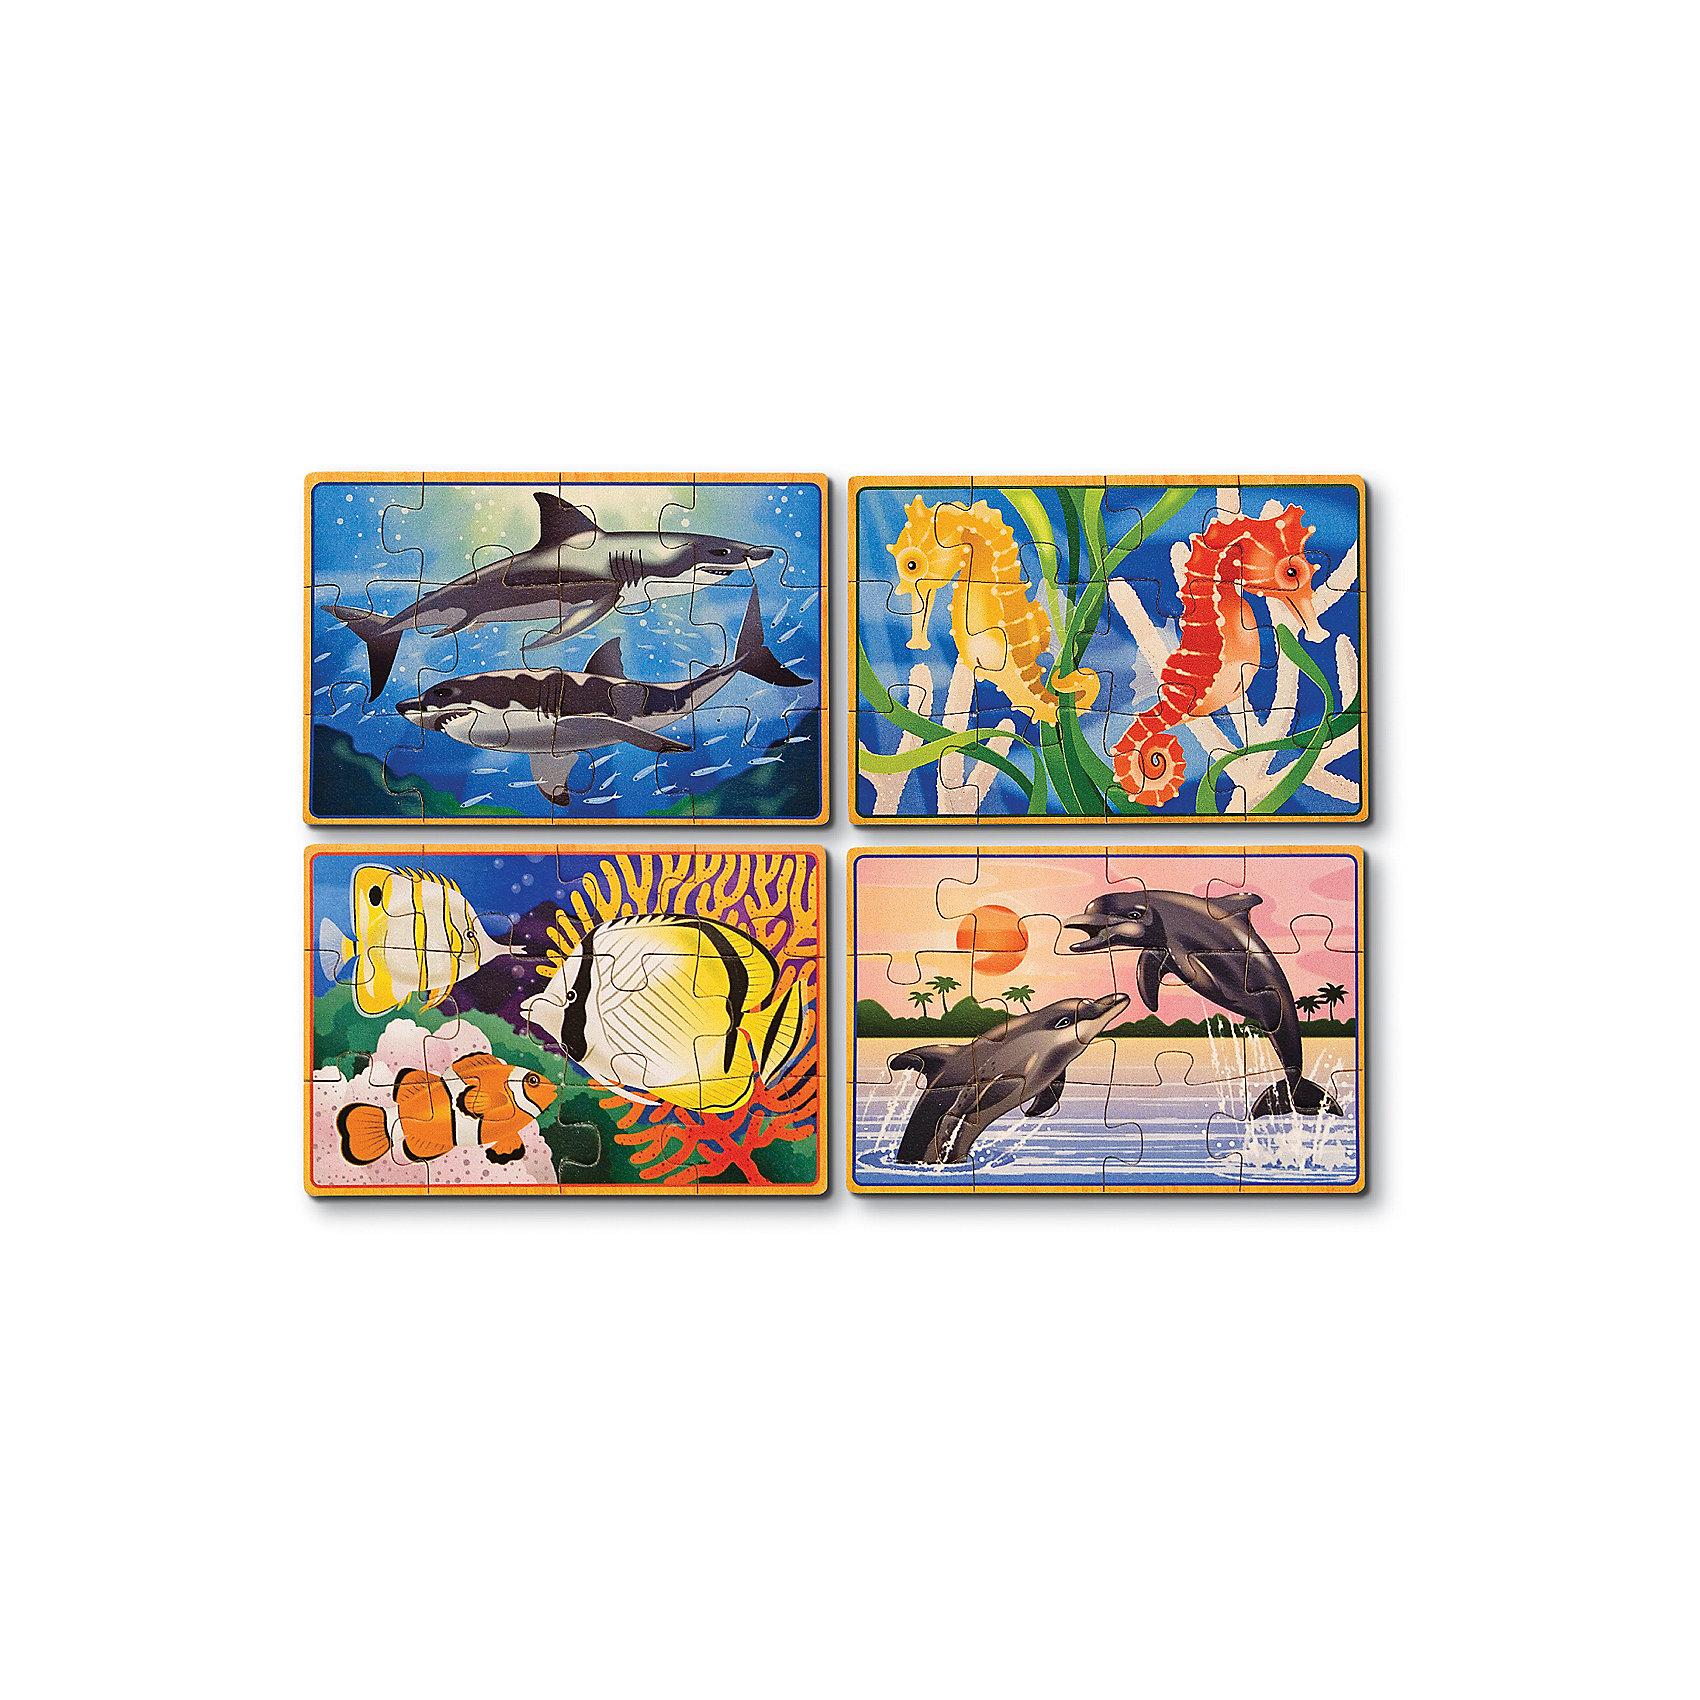 Деревянные пазлы Подводная жизнь, 4х12, Melissa &amp; DougДеревянные пазлы<br>Пазлы - отличная игра! Они активно развивают пространственно-образное мышление и мелкую моторику, учат составлять целое из нескольких частей, активизируют логику и воображение. Деревянные пазлы Подводная жизнь от ведущего мирового производителя детских игрушек - компании Melissa &amp; Doug обладают следующими особенностями:<br>- экологически чистые материалы, приятные на ощупь, безопасные красители;<br>- яркие цвета;<br>- 4 изображения: тропические рыбки, дельфины, акулы и морские коньки; <br>- каждая картинка состоит из 12 частей и обладает своей уникальной кодировкой на обратной стороне, что существенно облегчает сортировку;<br>- прочный деревянный ящик с 4 отсеками - для каждого подводного жителя свой.<br>Замечательная игра для детей и взрослых!<br><br>Дополнительная информация:<br>- Вес: 453 гр;<br>- Габариты: 140х190х60 мм;<br>- Рекомендуемый возраст: от 1 года с участием взрослых. <br><br>Деревянные пазлы Подводная жизнь Melissa &amp; Doug можно купить в нашем магазине<br><br>Ширина мм: 140<br>Глубина мм: 190<br>Высота мм: 60<br>Вес г: 453<br>Возраст от месяцев: 36<br>Возраст до месяцев: 72<br>Пол: Унисекс<br>Возраст: Детский<br>Количество деталей: 12<br>SKU: 3927706